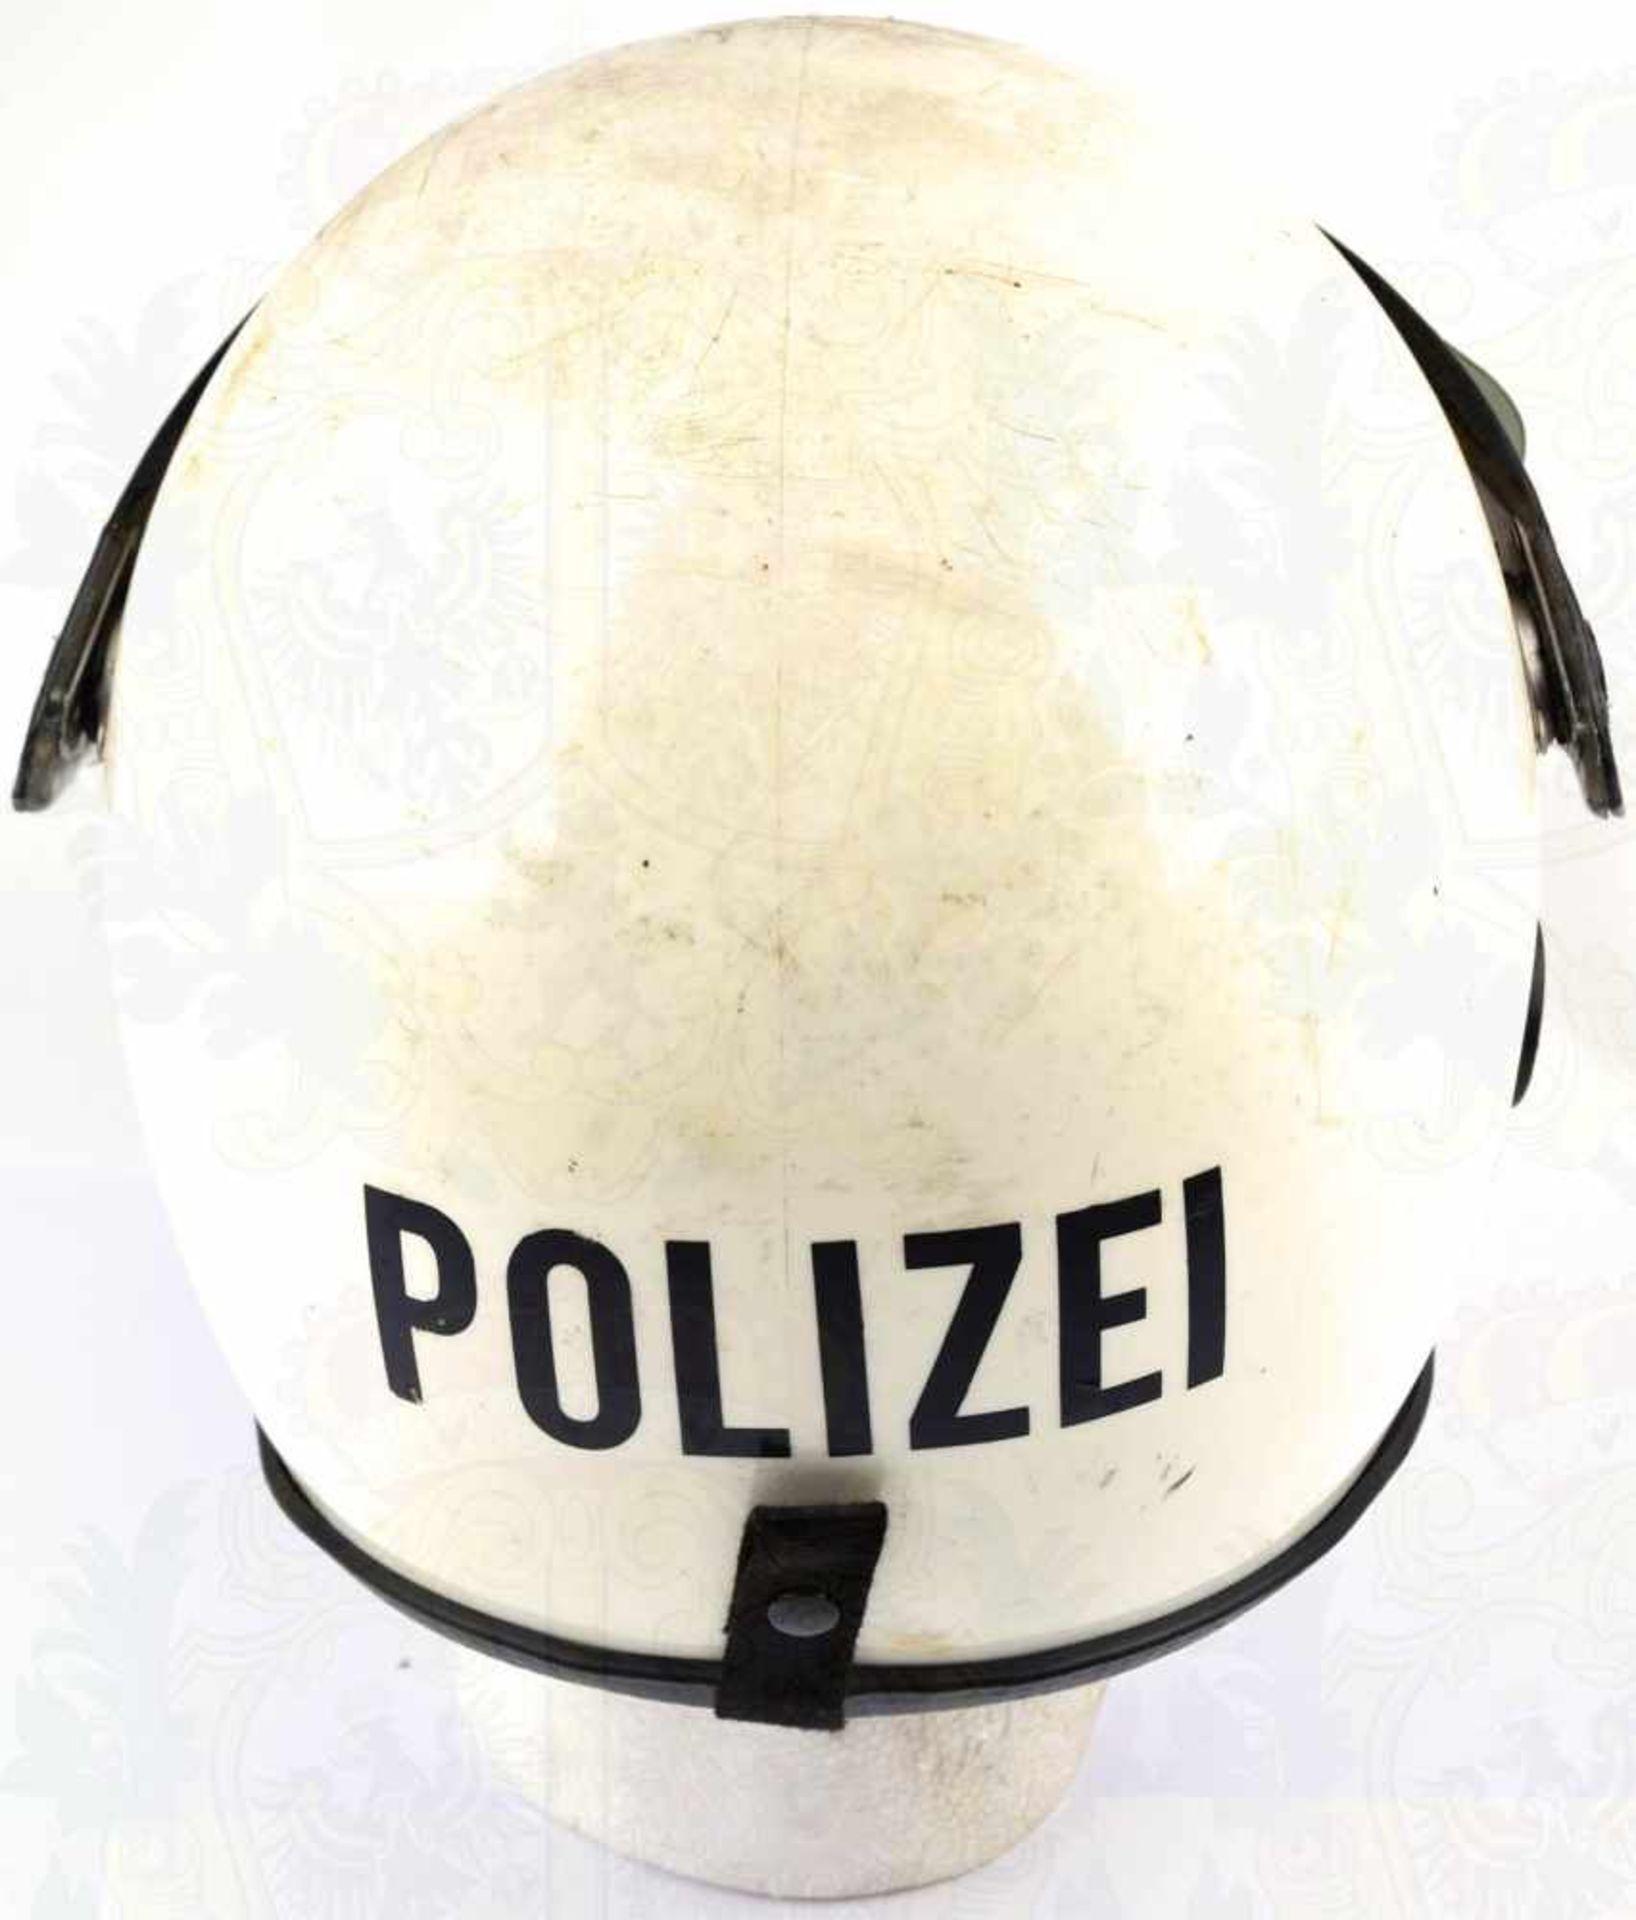 """Los 38 - EINSATZHELM POLIZEI WESTBERLIN, Kunststoff, m. Schutzschirm aus Plexiglas, Emblem u. Schriftzug """""""